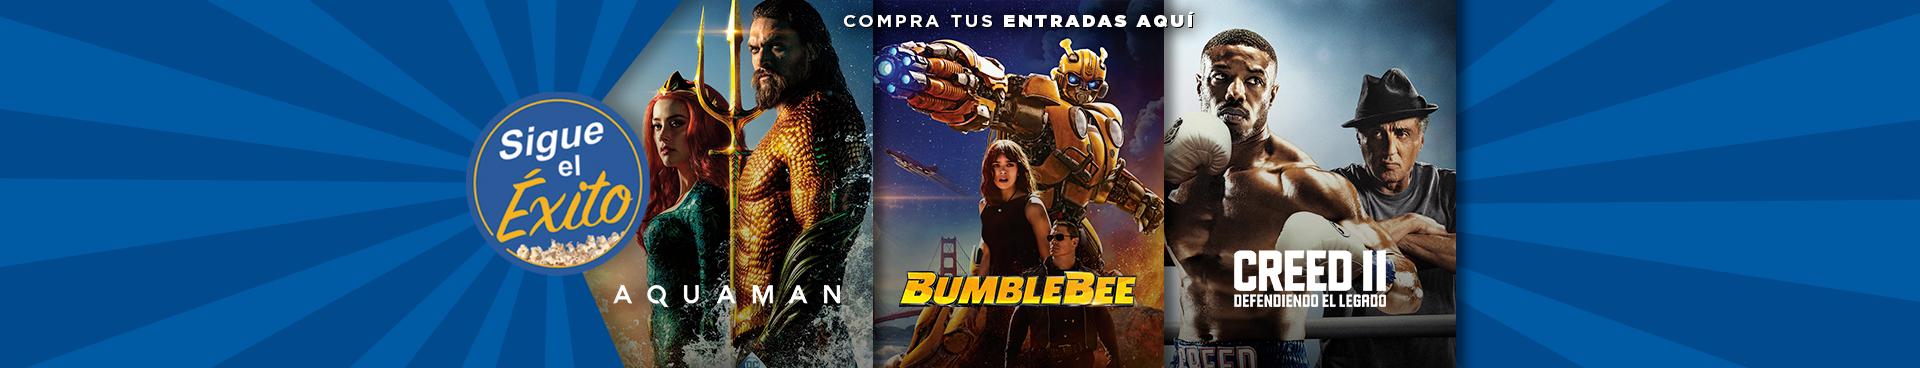 SIGUE EL ÉXITO AQUAMAN + BUMBLEBEE + CREED 2: DEFENDIENDO EL LEGADO, COMPRA TUS ENTRADAS AQUÍ